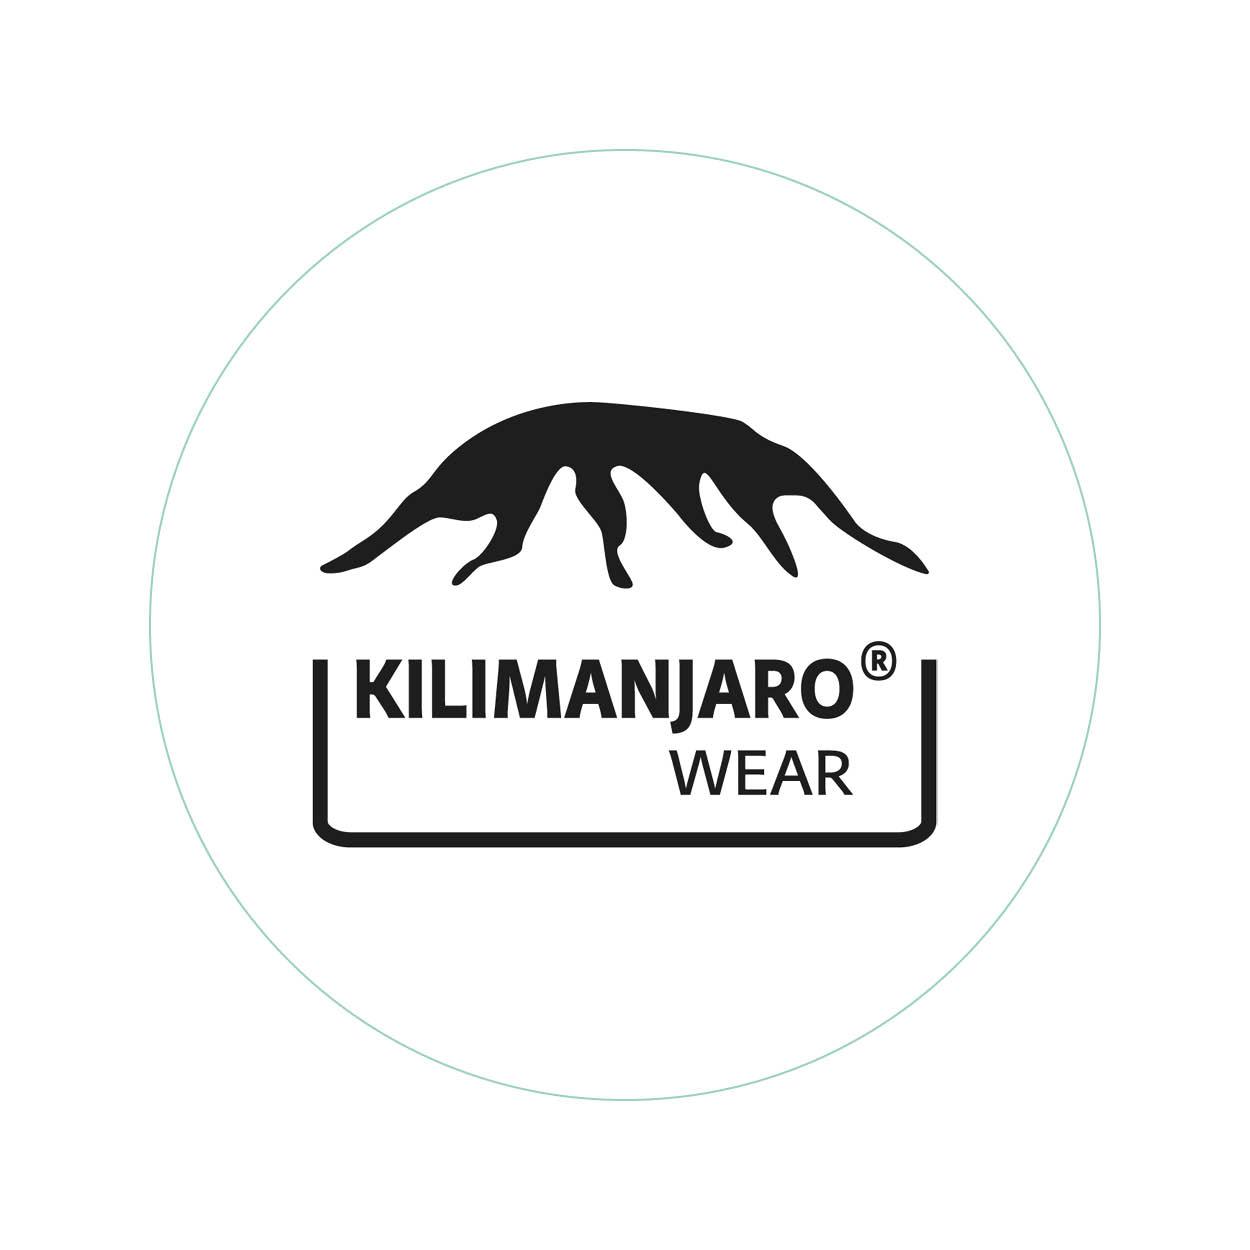 Logo ontwerp - Kilimanjaro - Dots & Lines - Grafisch ontwerp